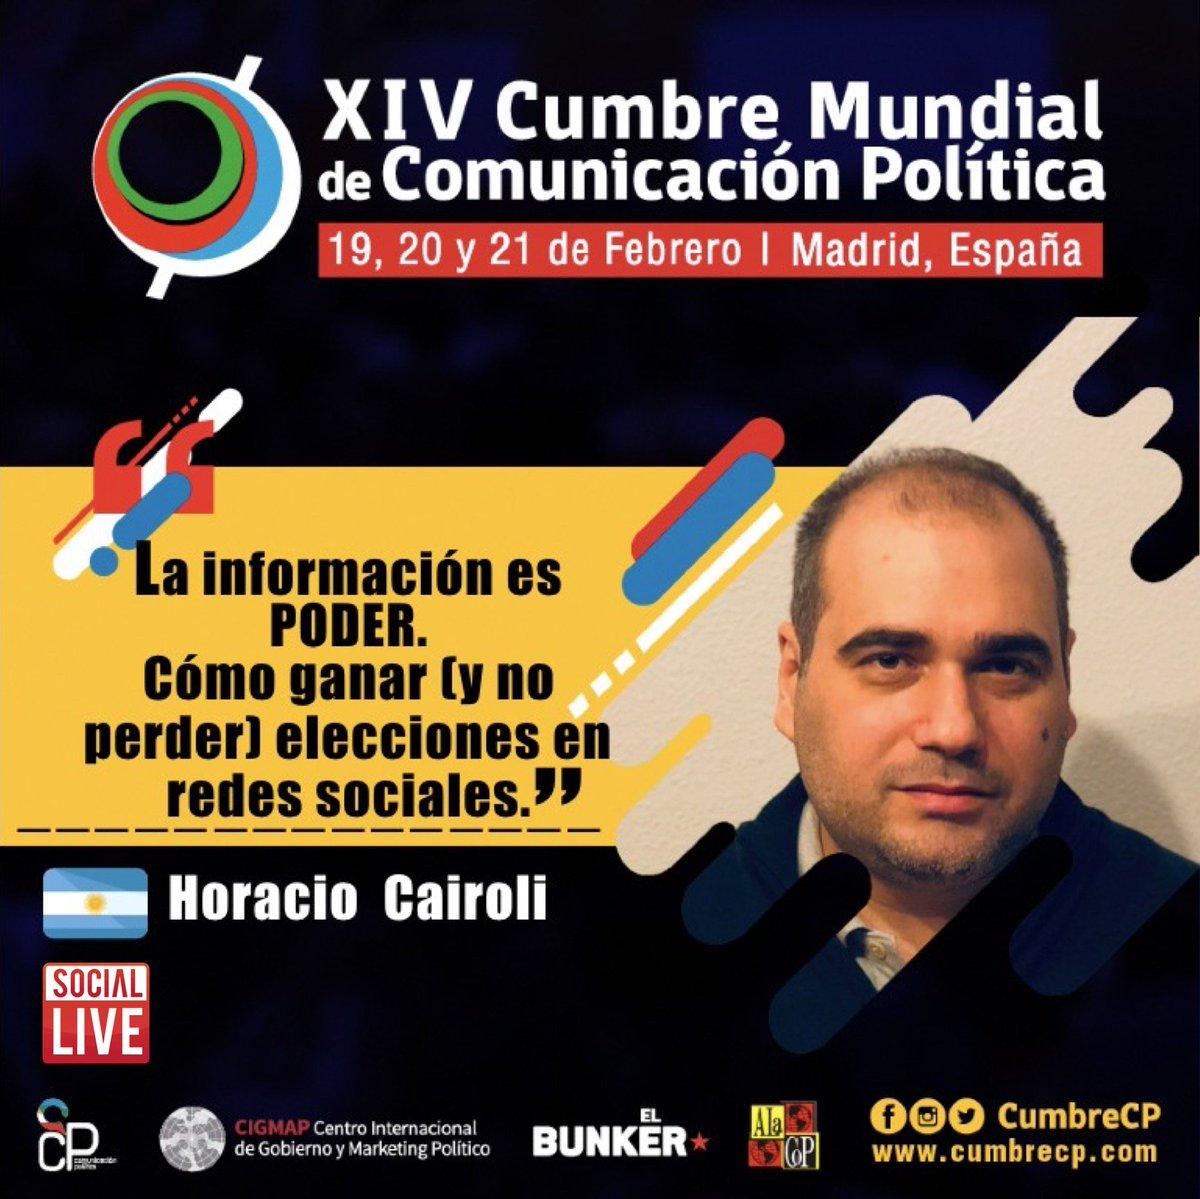 Estaré hablando y compartiendo la experiencia de @SocialLive_biz en el monitoreo de campañas políticas y gestión de Gobierno en redes sociales. Los esperamos en la Cumbre Mundial de Comunicación Política en Madrid. #cumbreCP #SocialListening https://t.co/EV3GgZBbmv